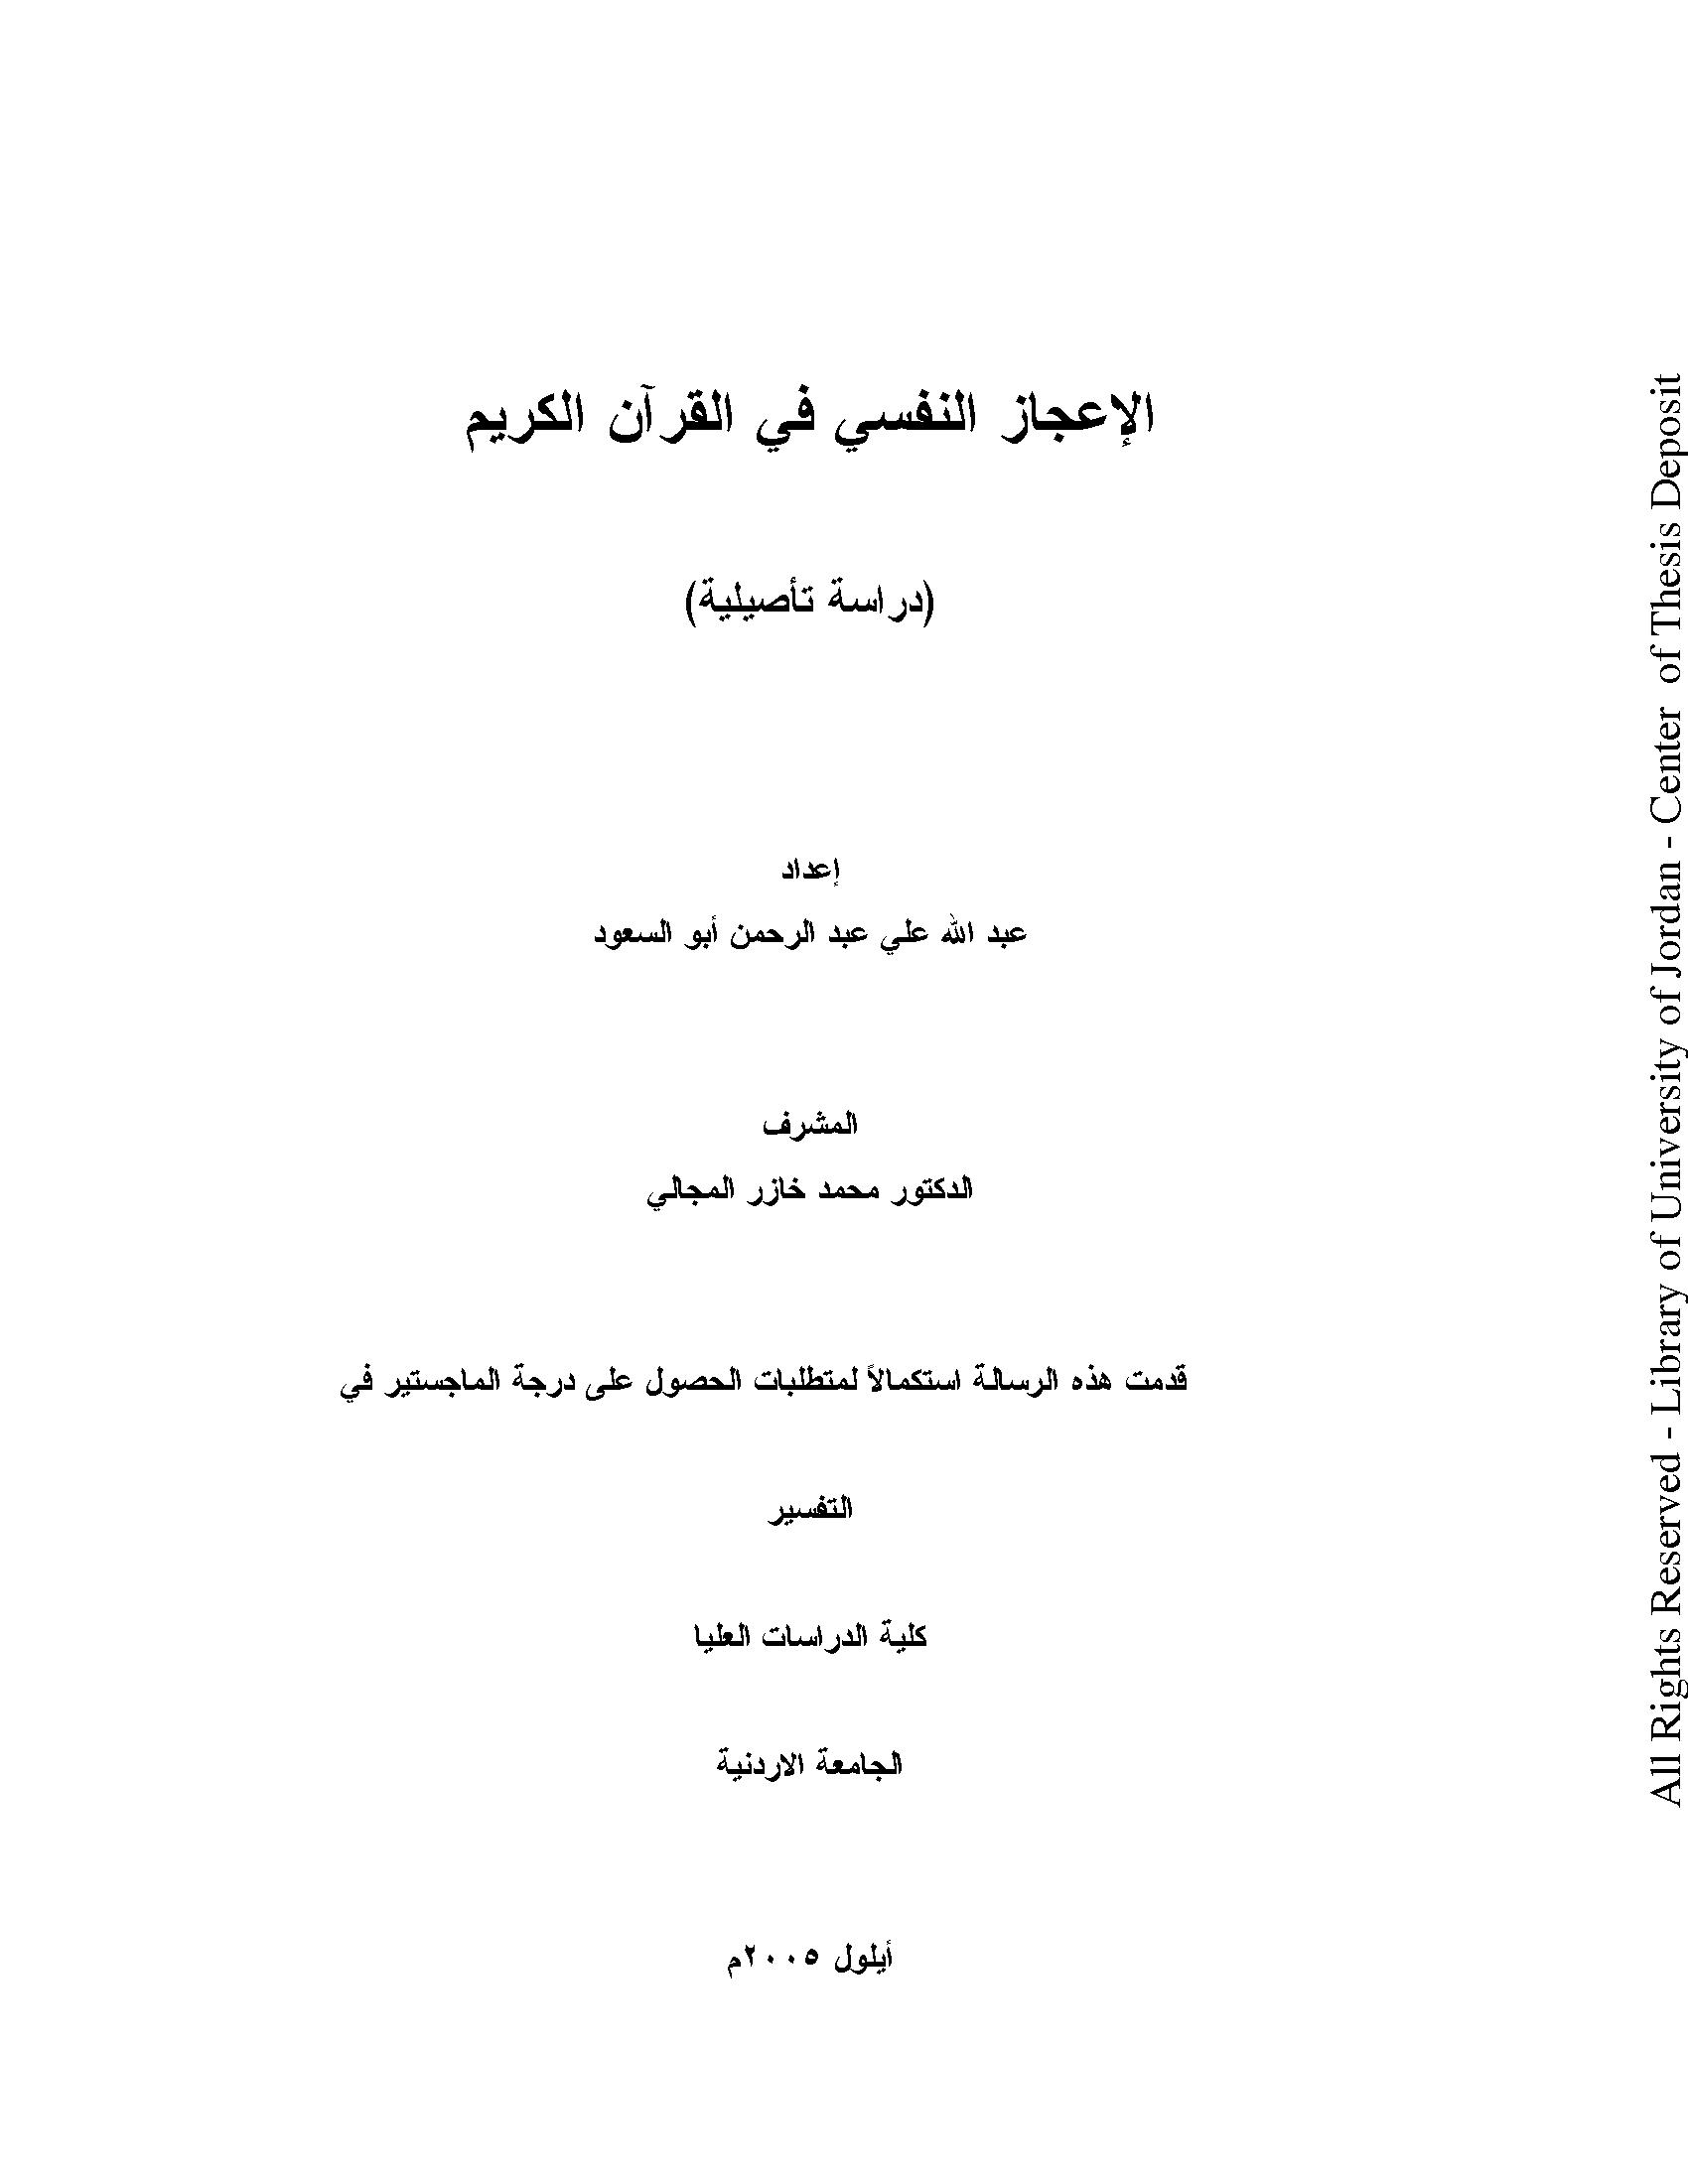 تحميل كتاب الإعجاز النفسي في القرآن الكريم (دراسة تأصيلية) لـِ: الدكتور عبد الله علي عبد الرحمن أبو السعود